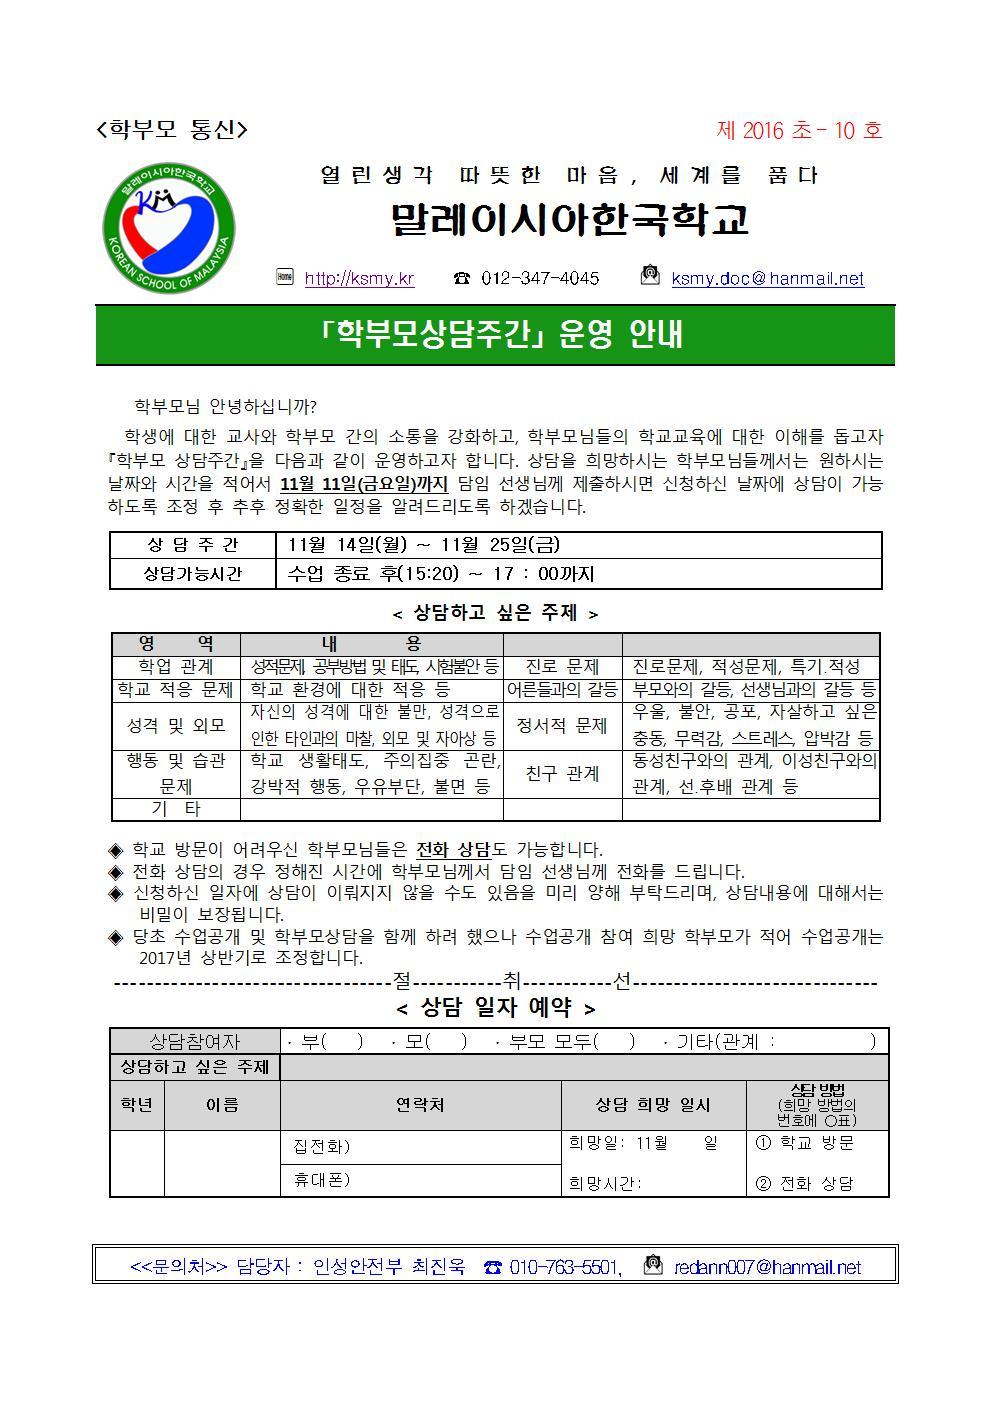 제2016 초-10호 가정통신문(학부모상담주간 운영 안내)001.jpg